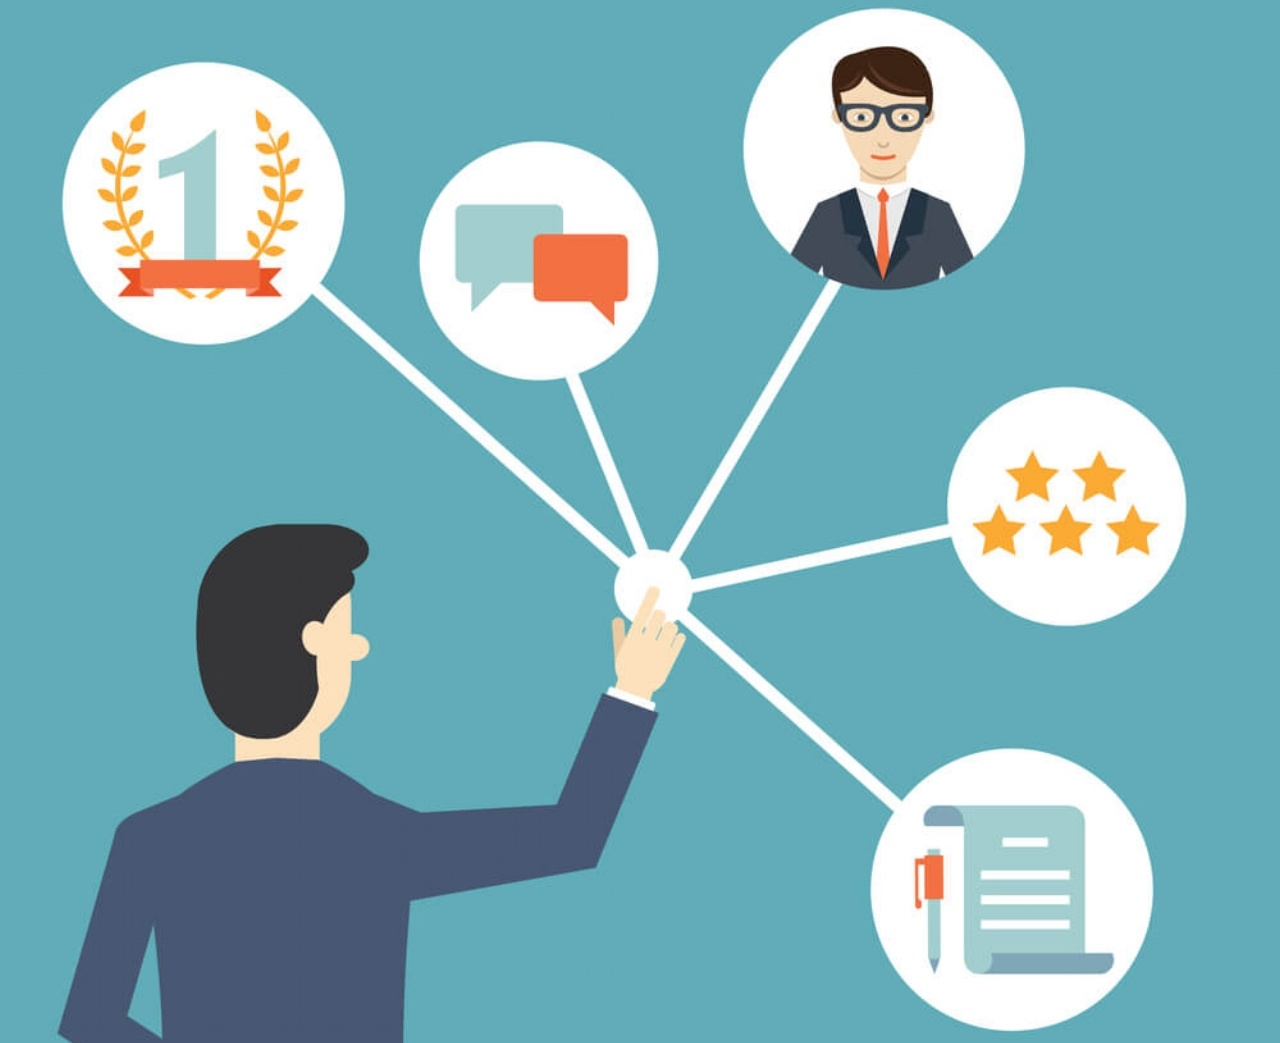 Dans la relation client d'aujourd'hui les consommateurs sont connectés